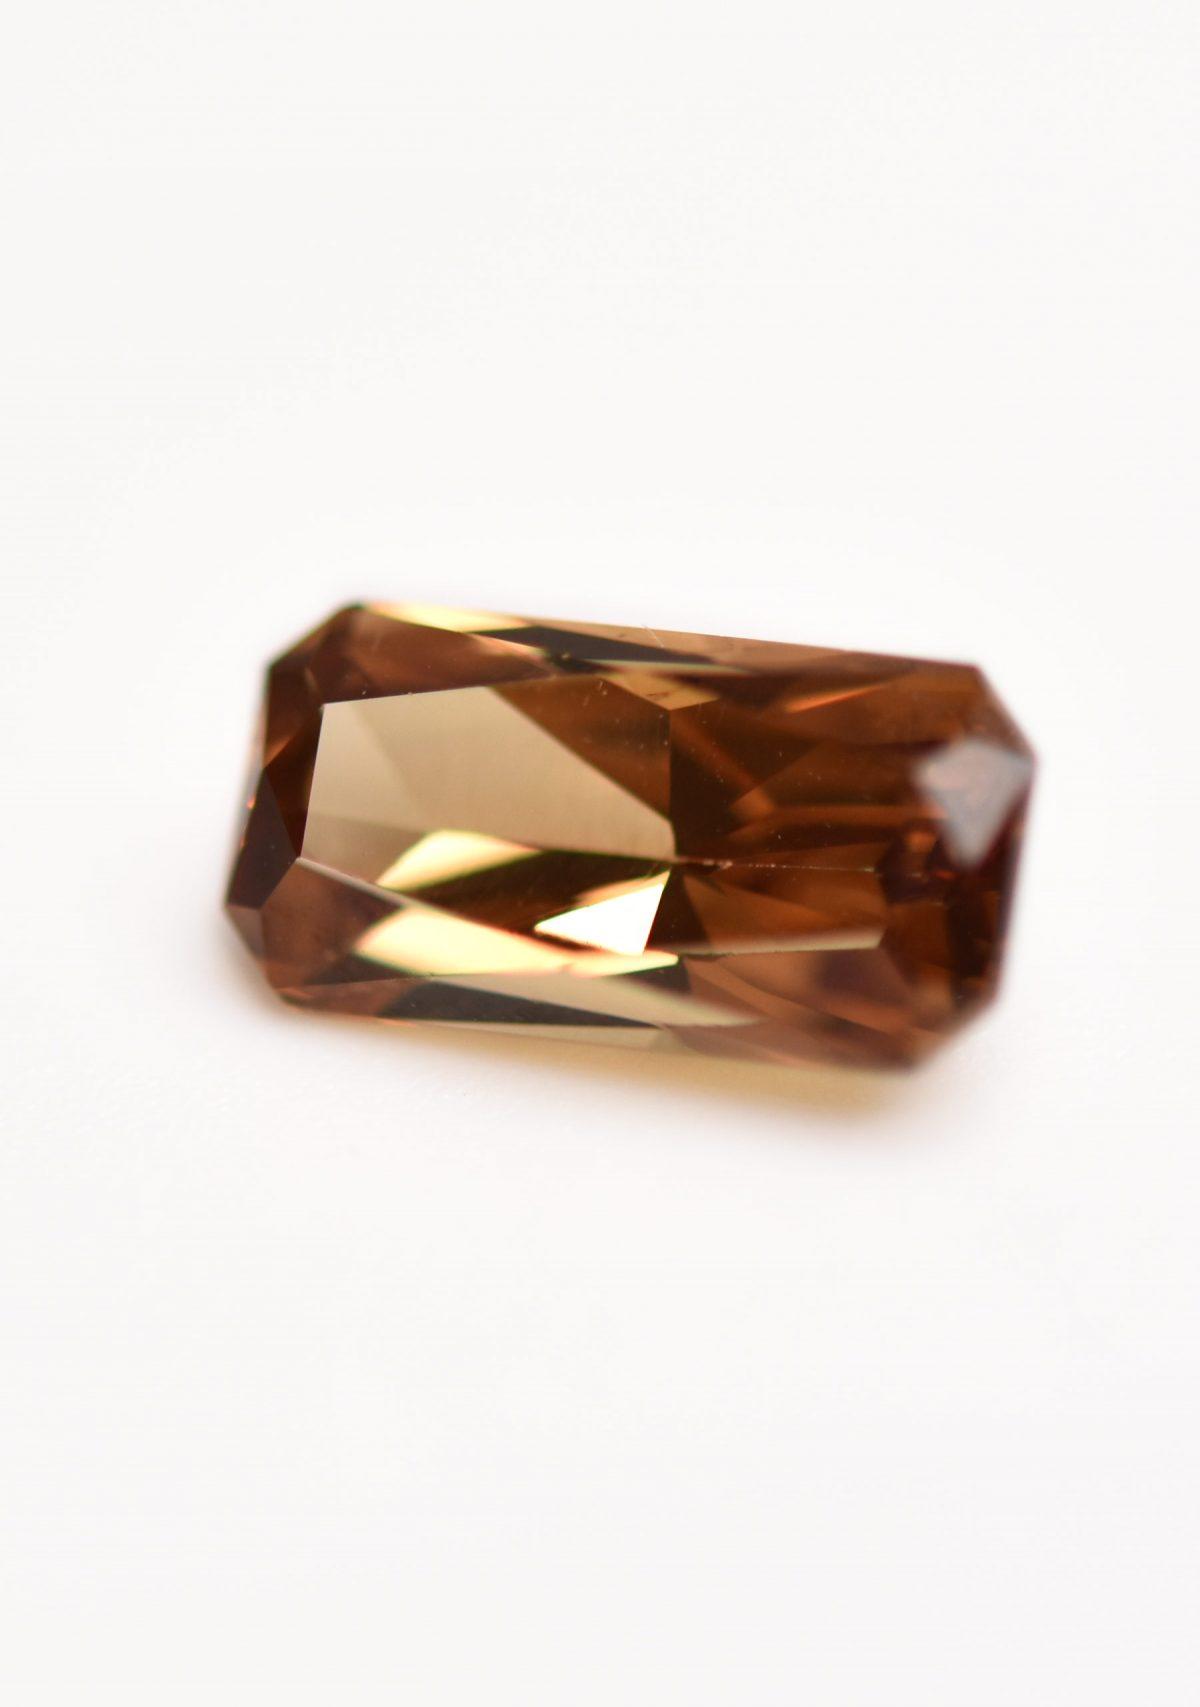 Orange Garnet Gemstone for Custom Engagement Ring